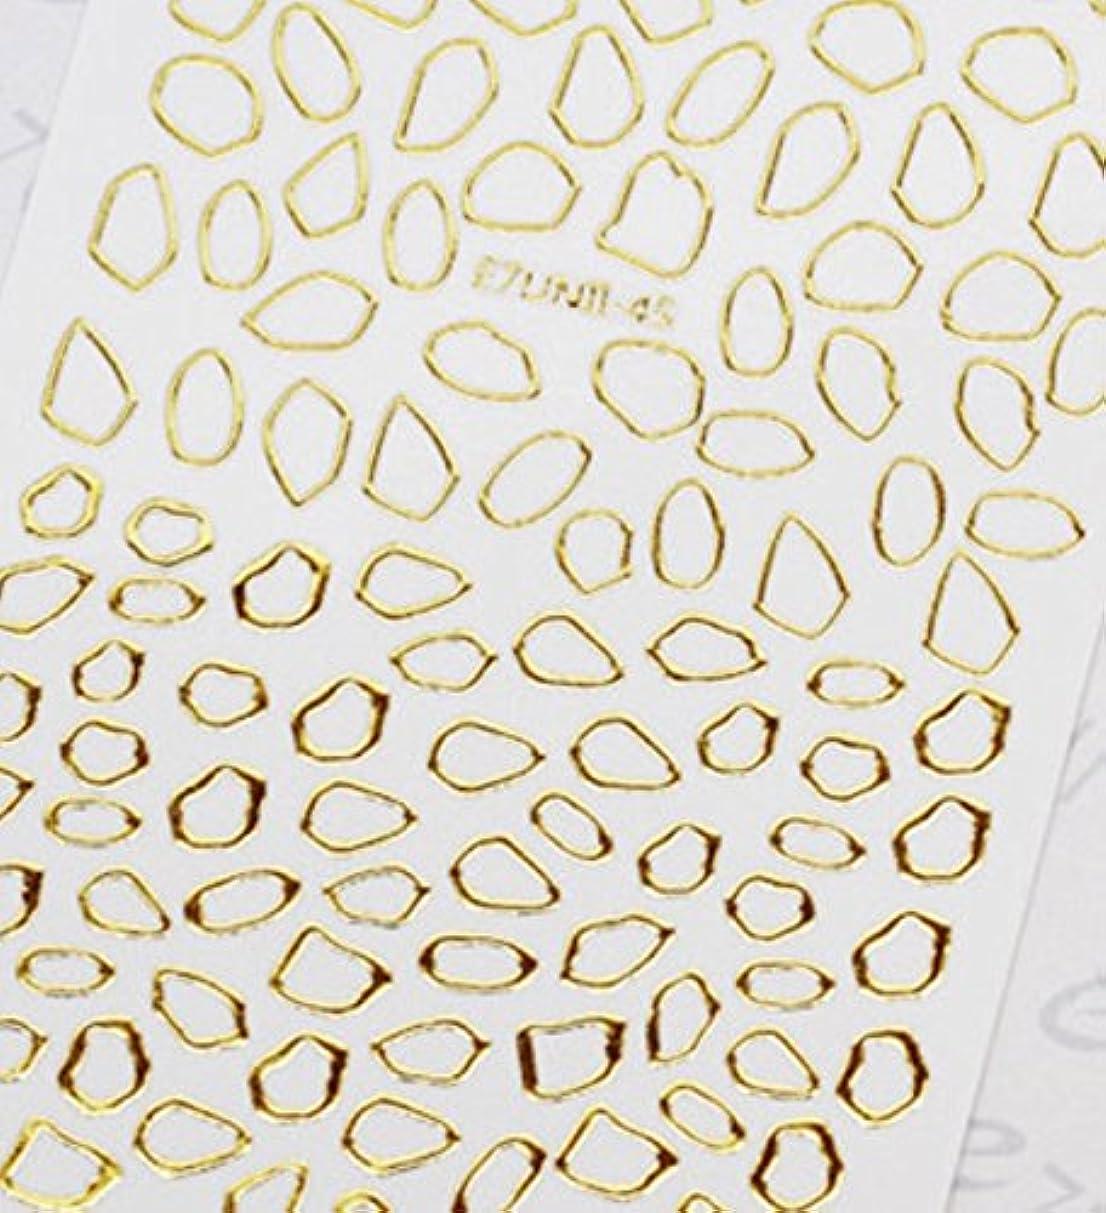 極薄直接貼るタイプ ネイルシール スティッカー 枠 変形フレーム 垂らしこみアート用 多種多様なデザインに対応可能 ゴールド 金色 45番